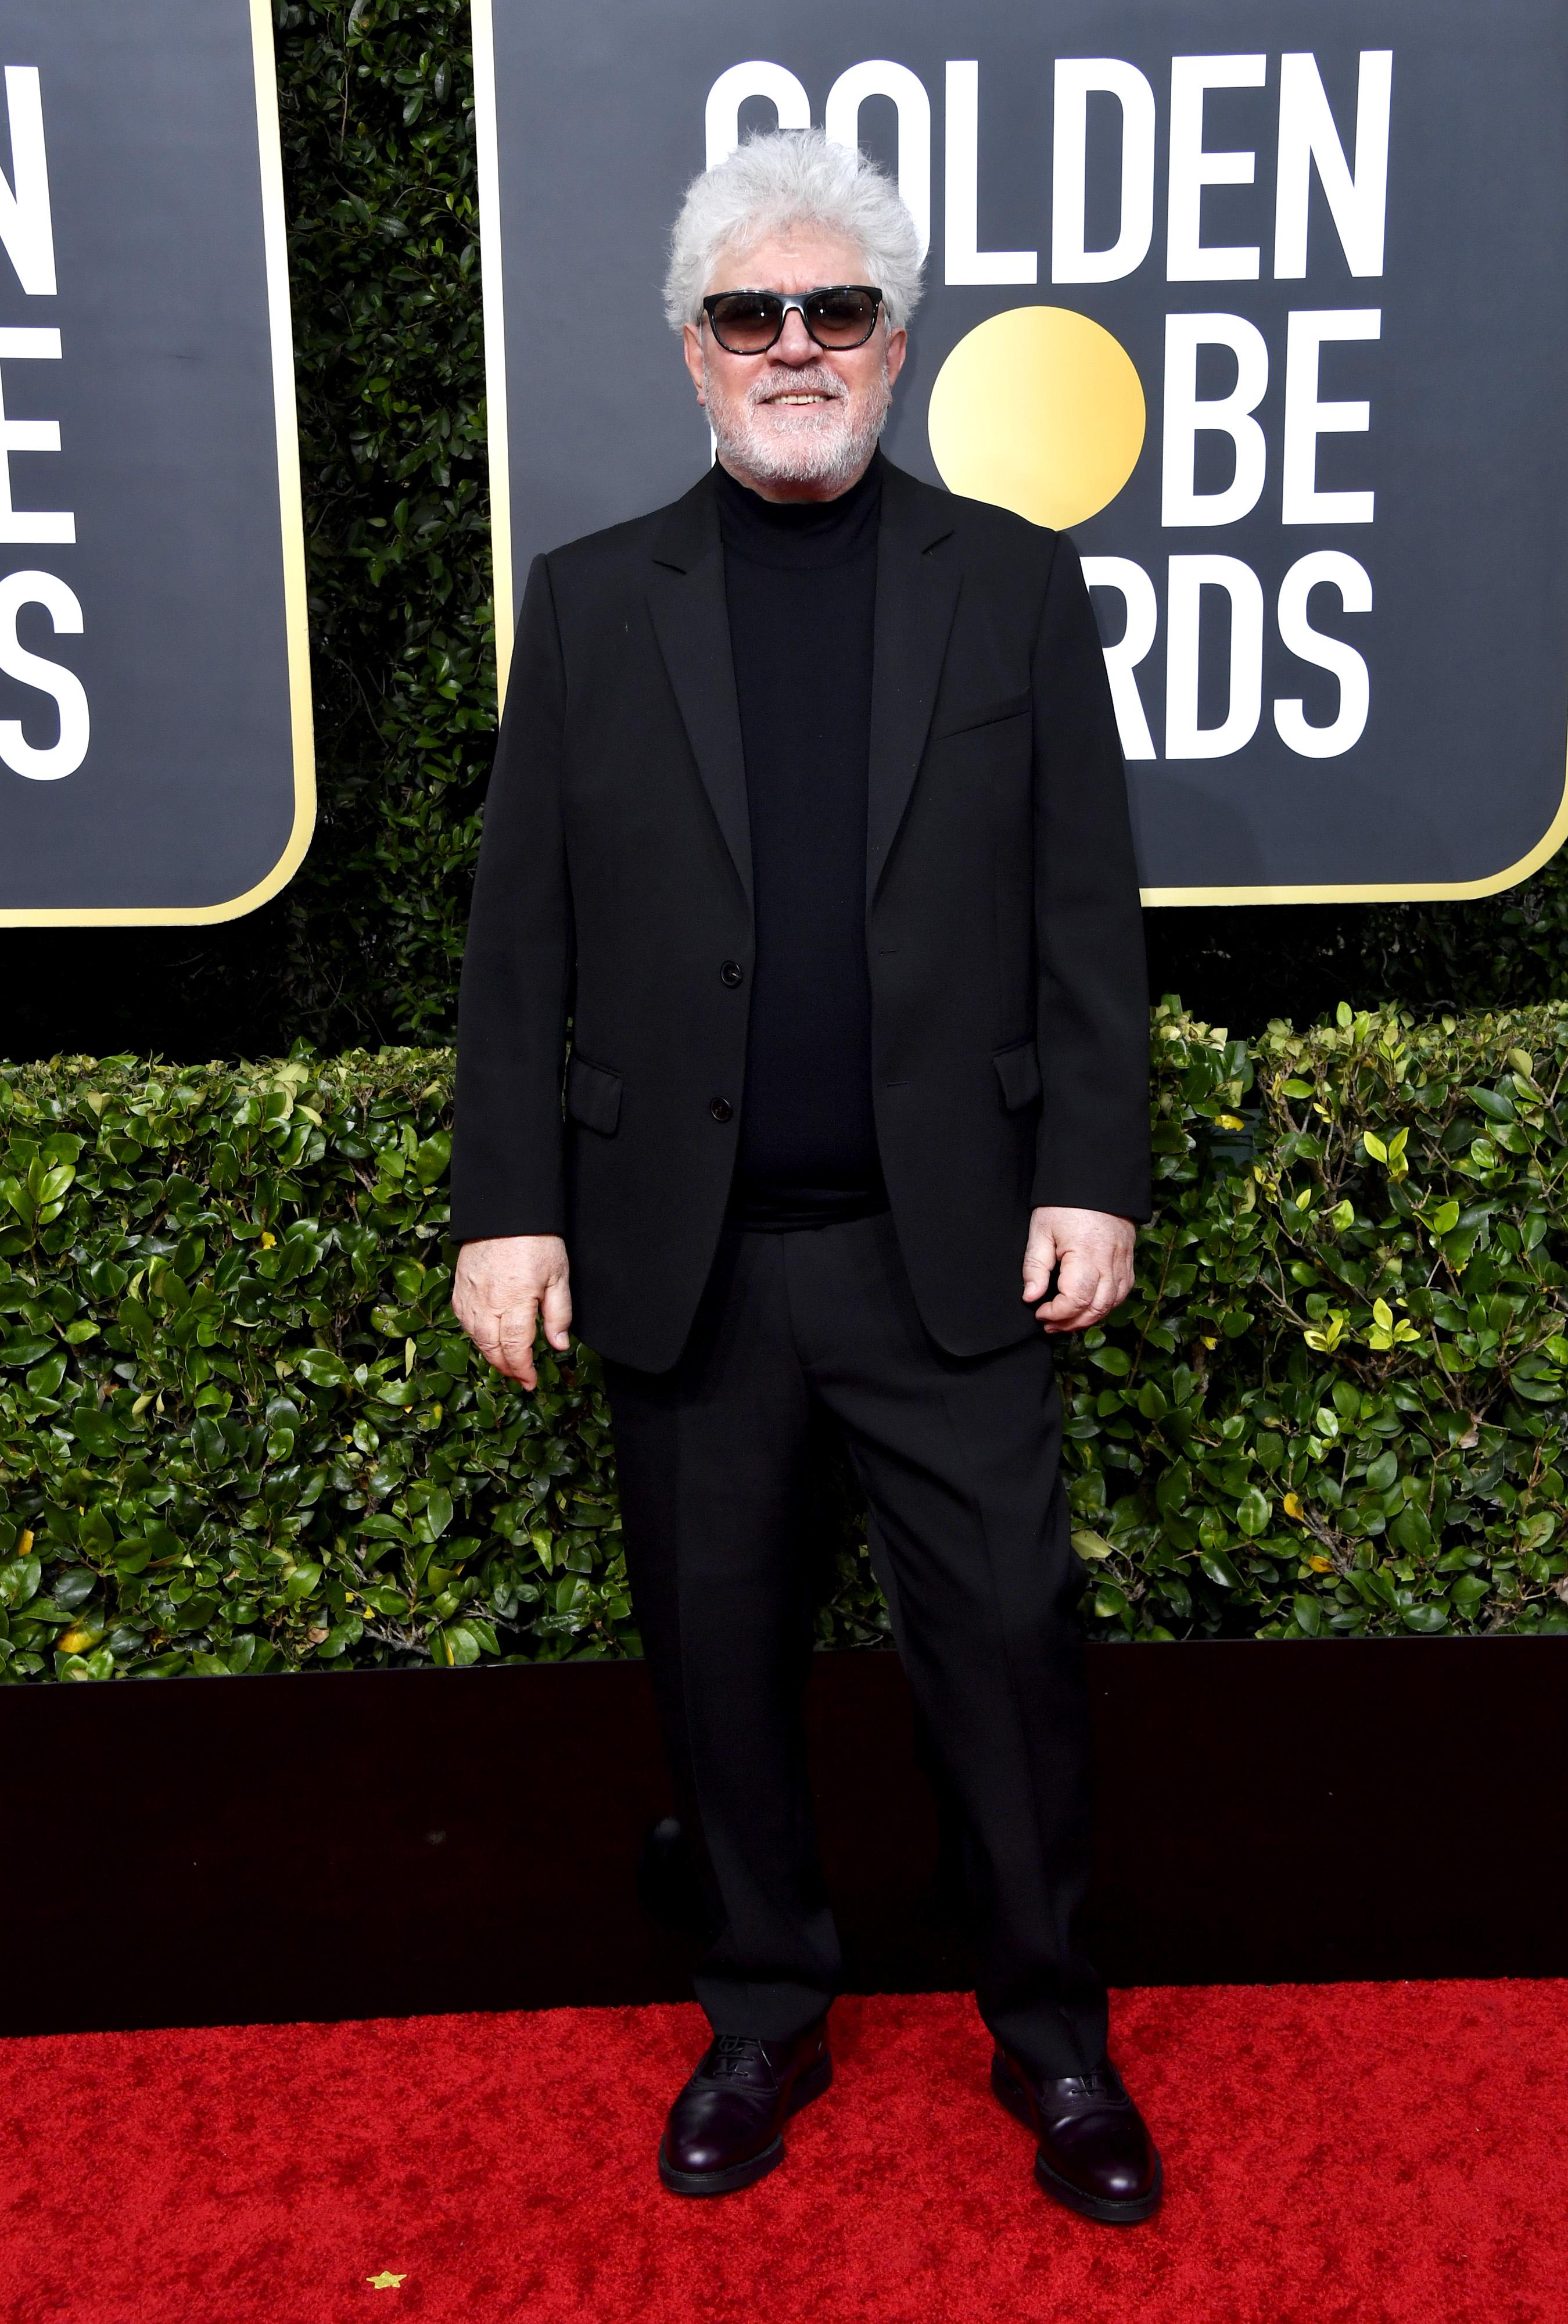 Pedro Almodóvar eligió para la red carpet de los Golden Globe un traje negro pero a diferencia de una camisa optó por una polera negra. Como complemento, llevó sus características gafas negras